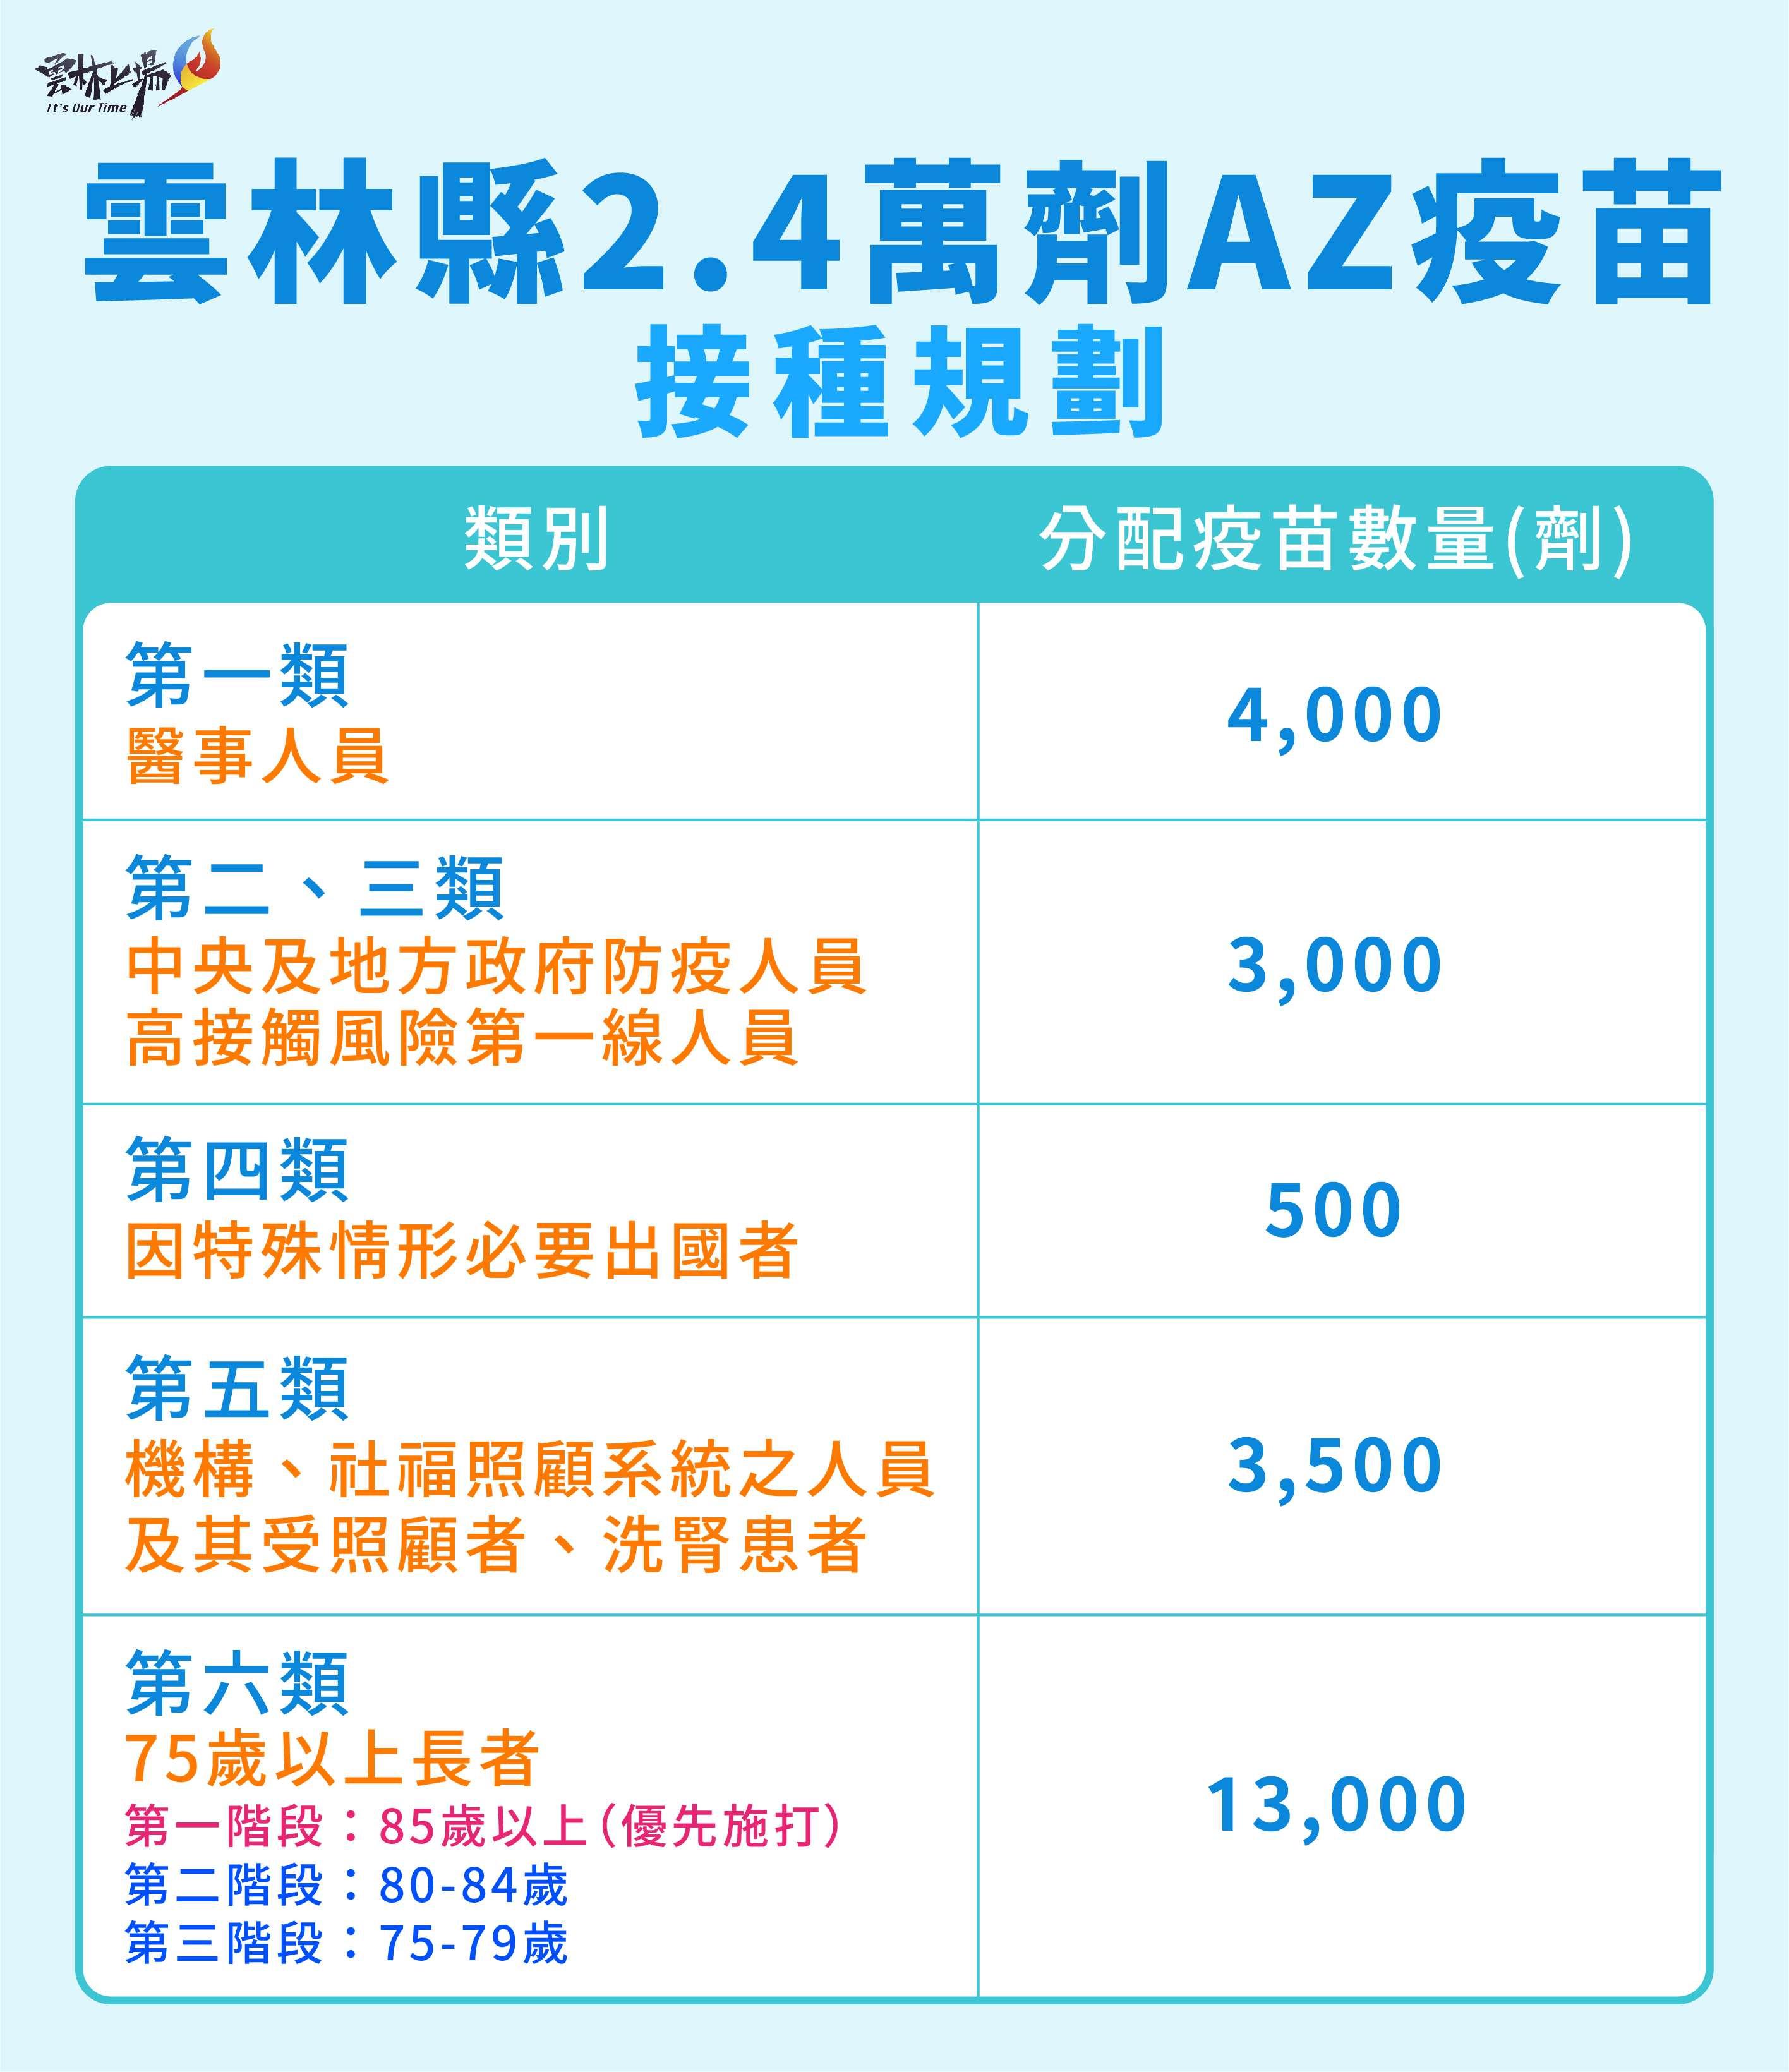 雲林縣2.4萬劑AZ疫苗接種規劃